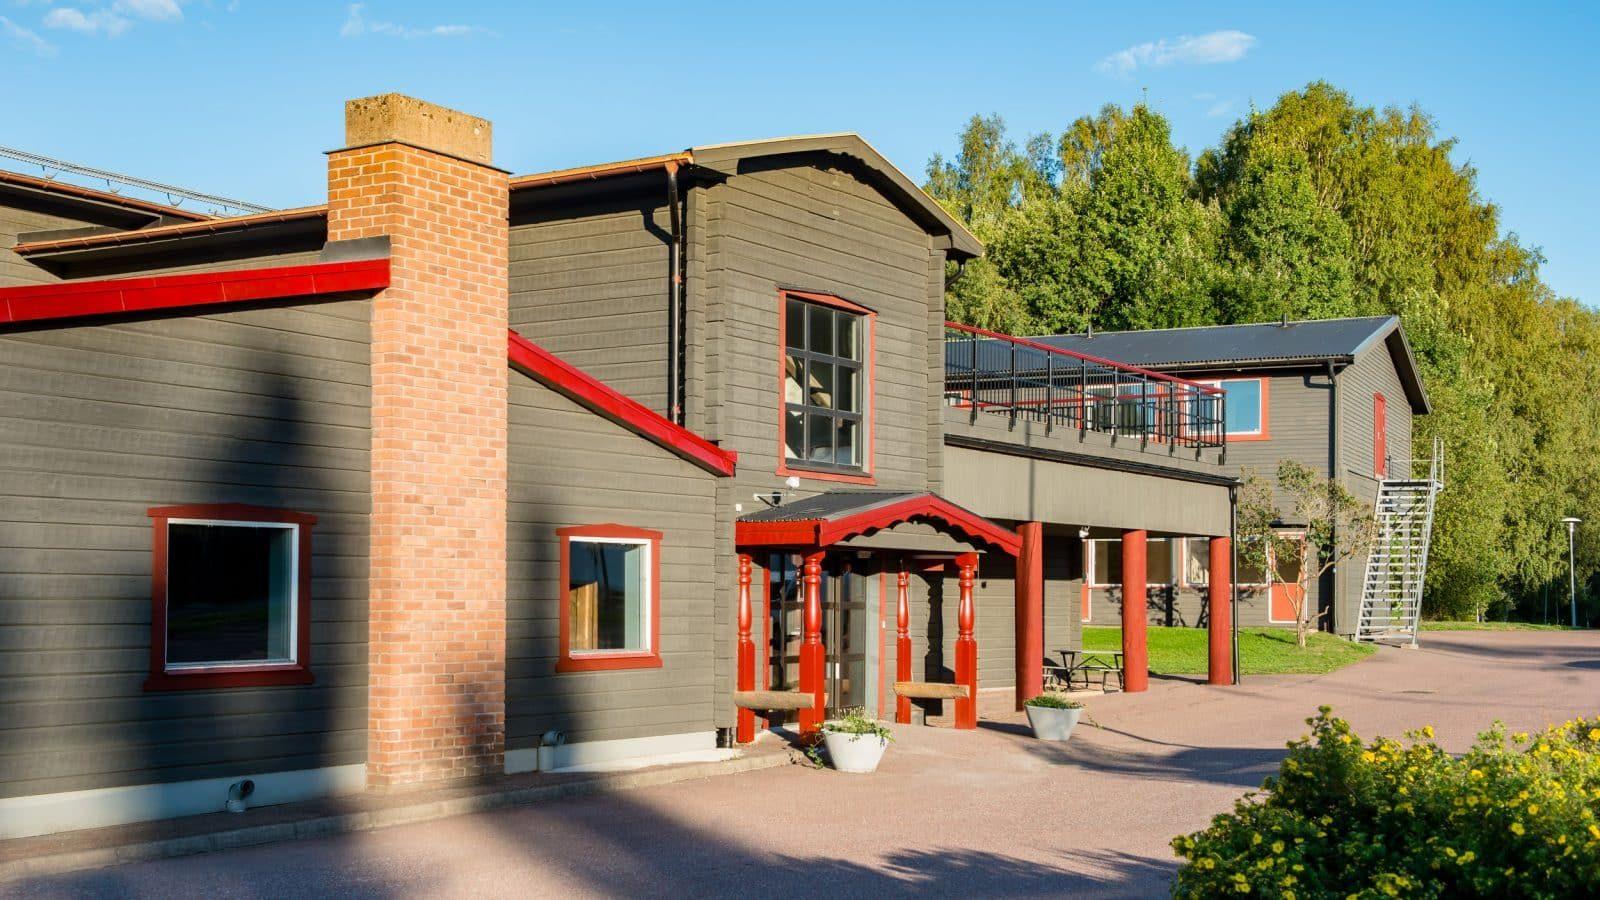 Gylle Hotell & Värdshus